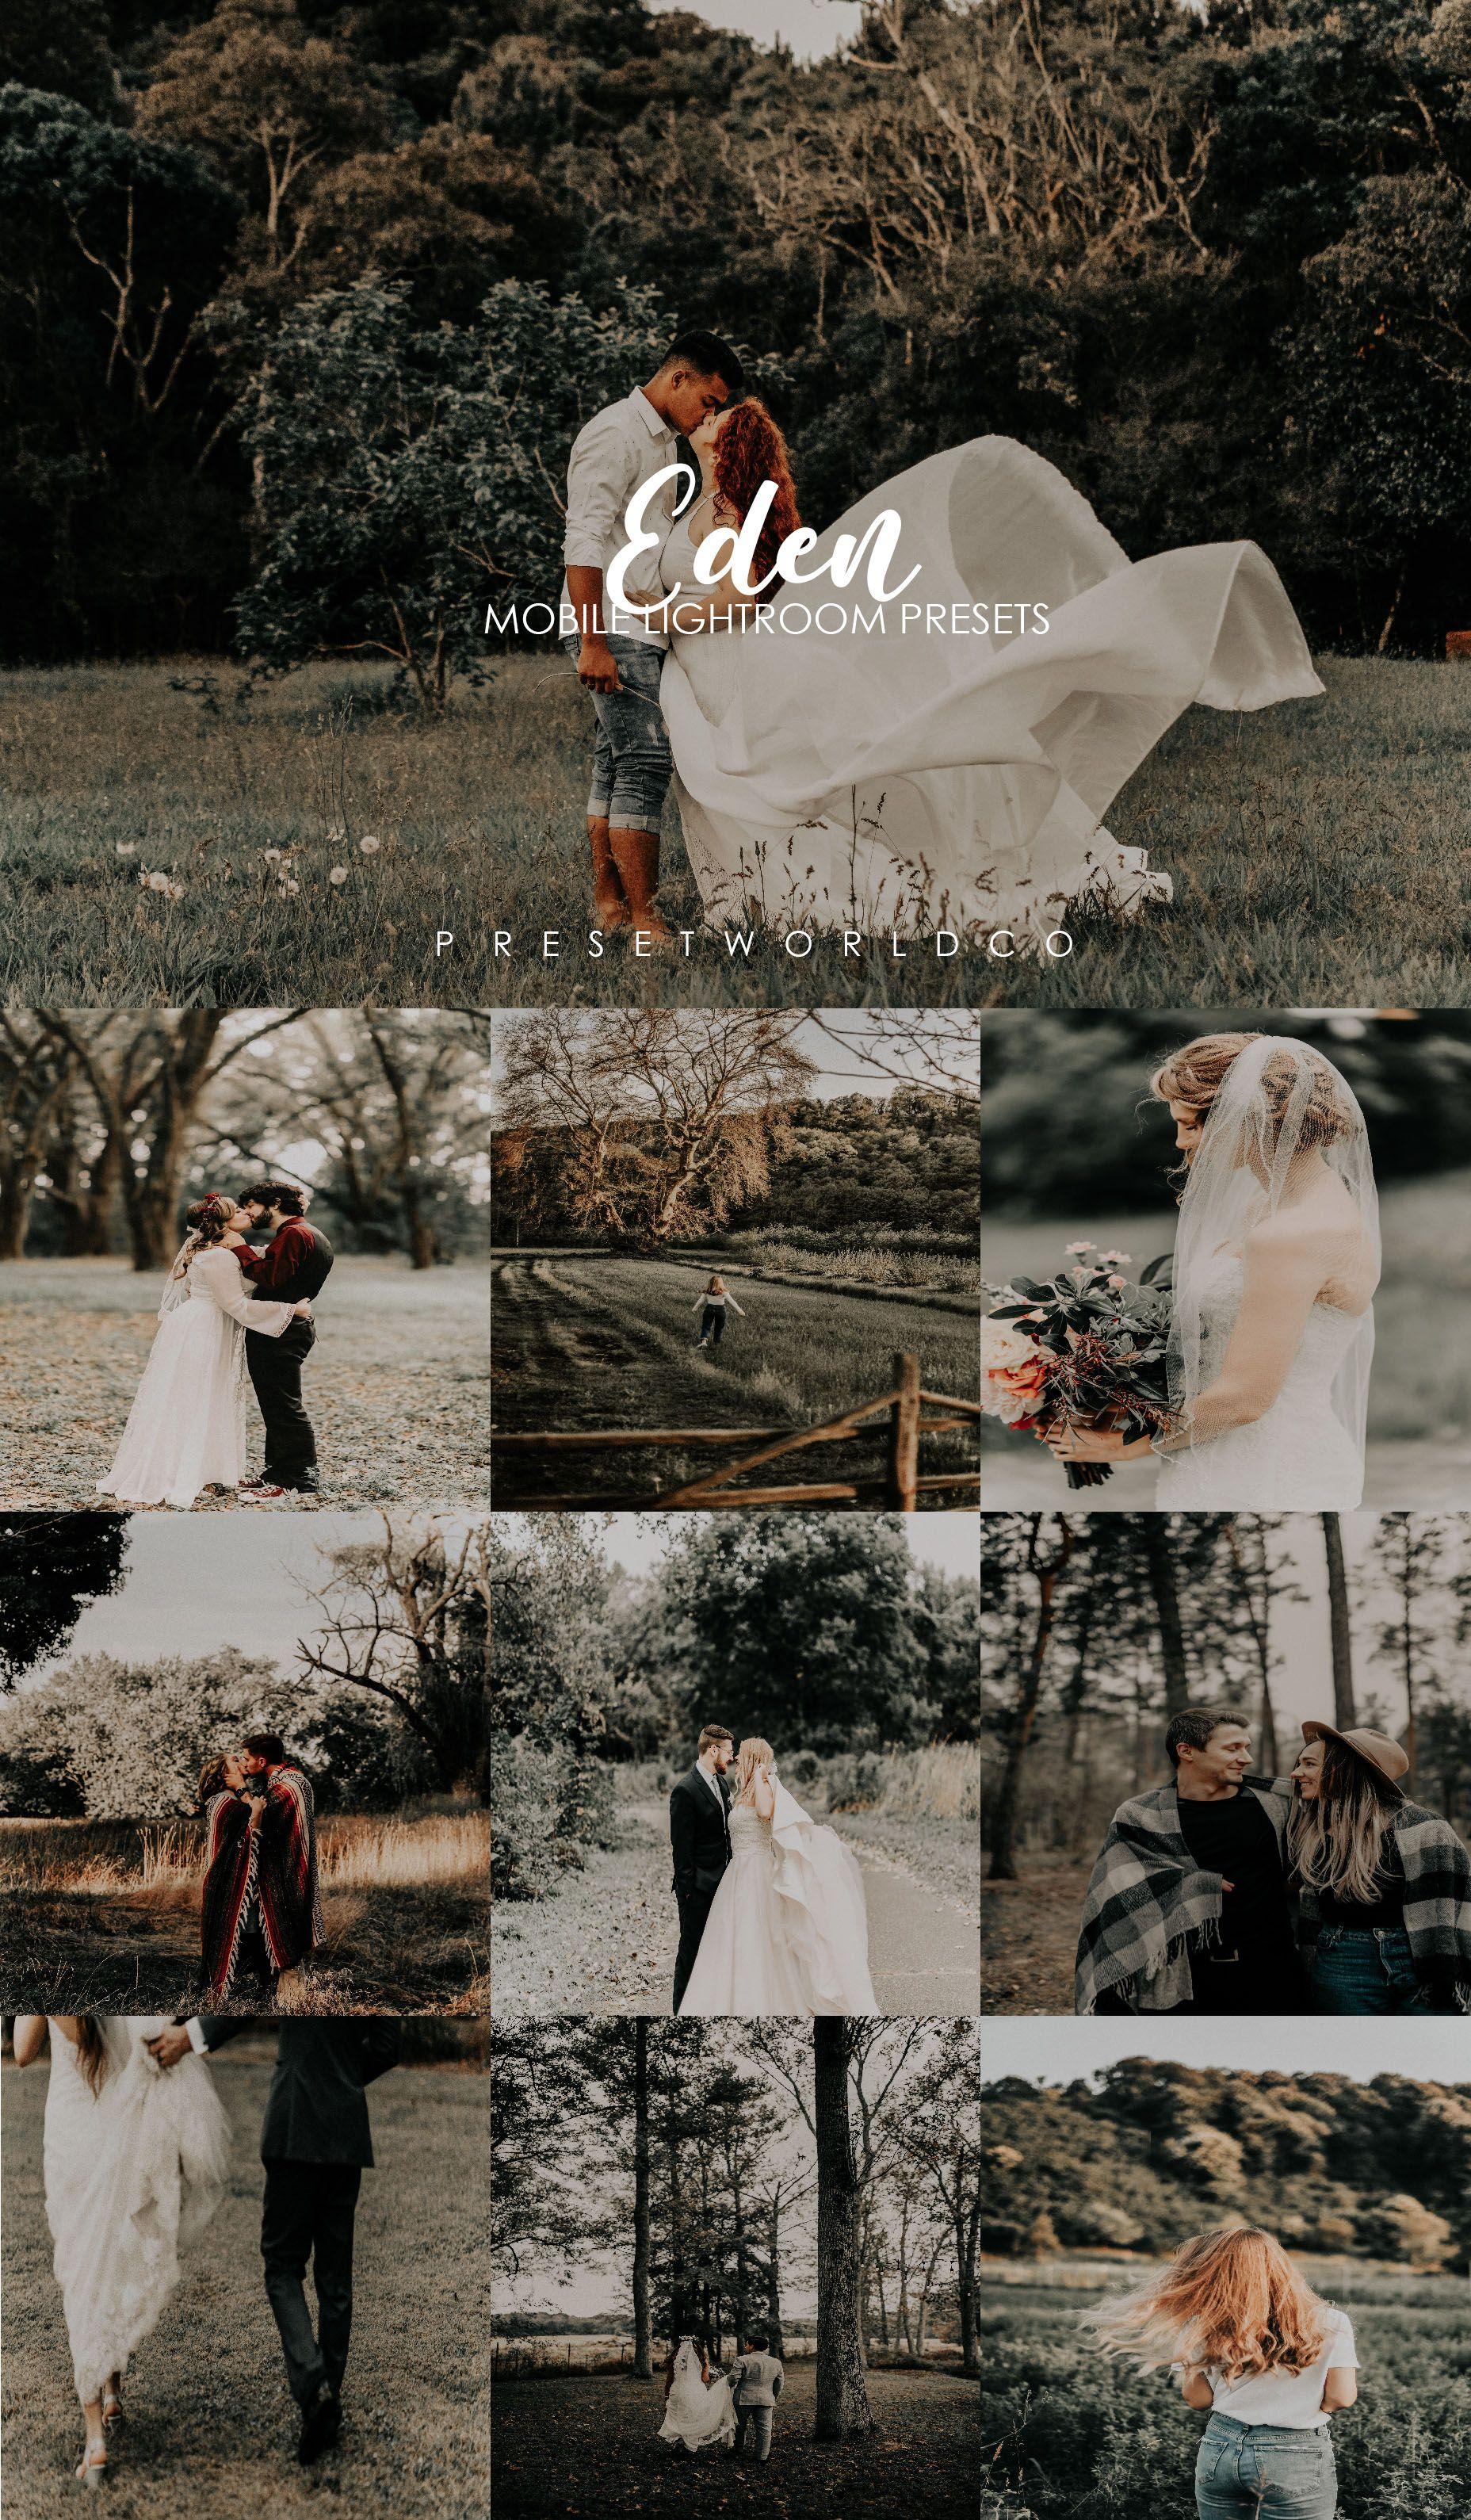 6 Best Wedding Lightroom Presets For Mobile And Desktop Etsy In 2020 Wedding Presets Christmas Engagement Photos Lightroom